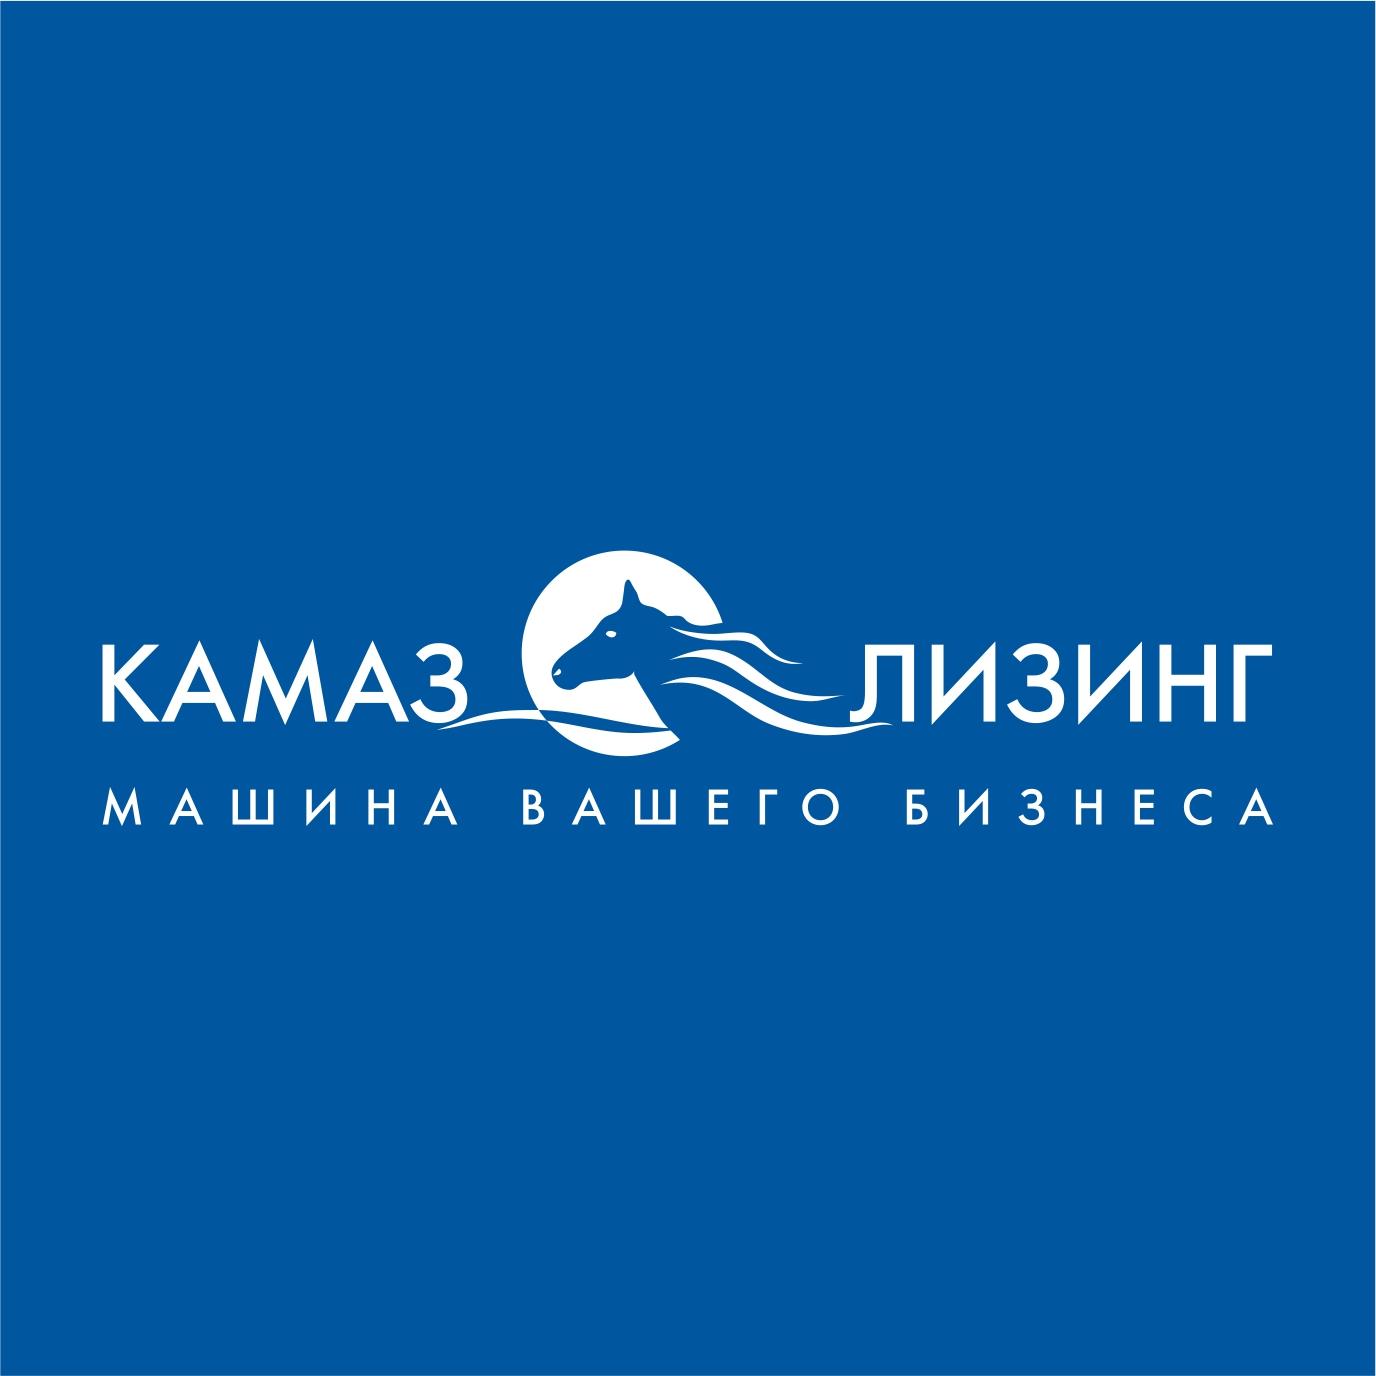 КАМАЗы в лизинг для Санкт-Петербурга